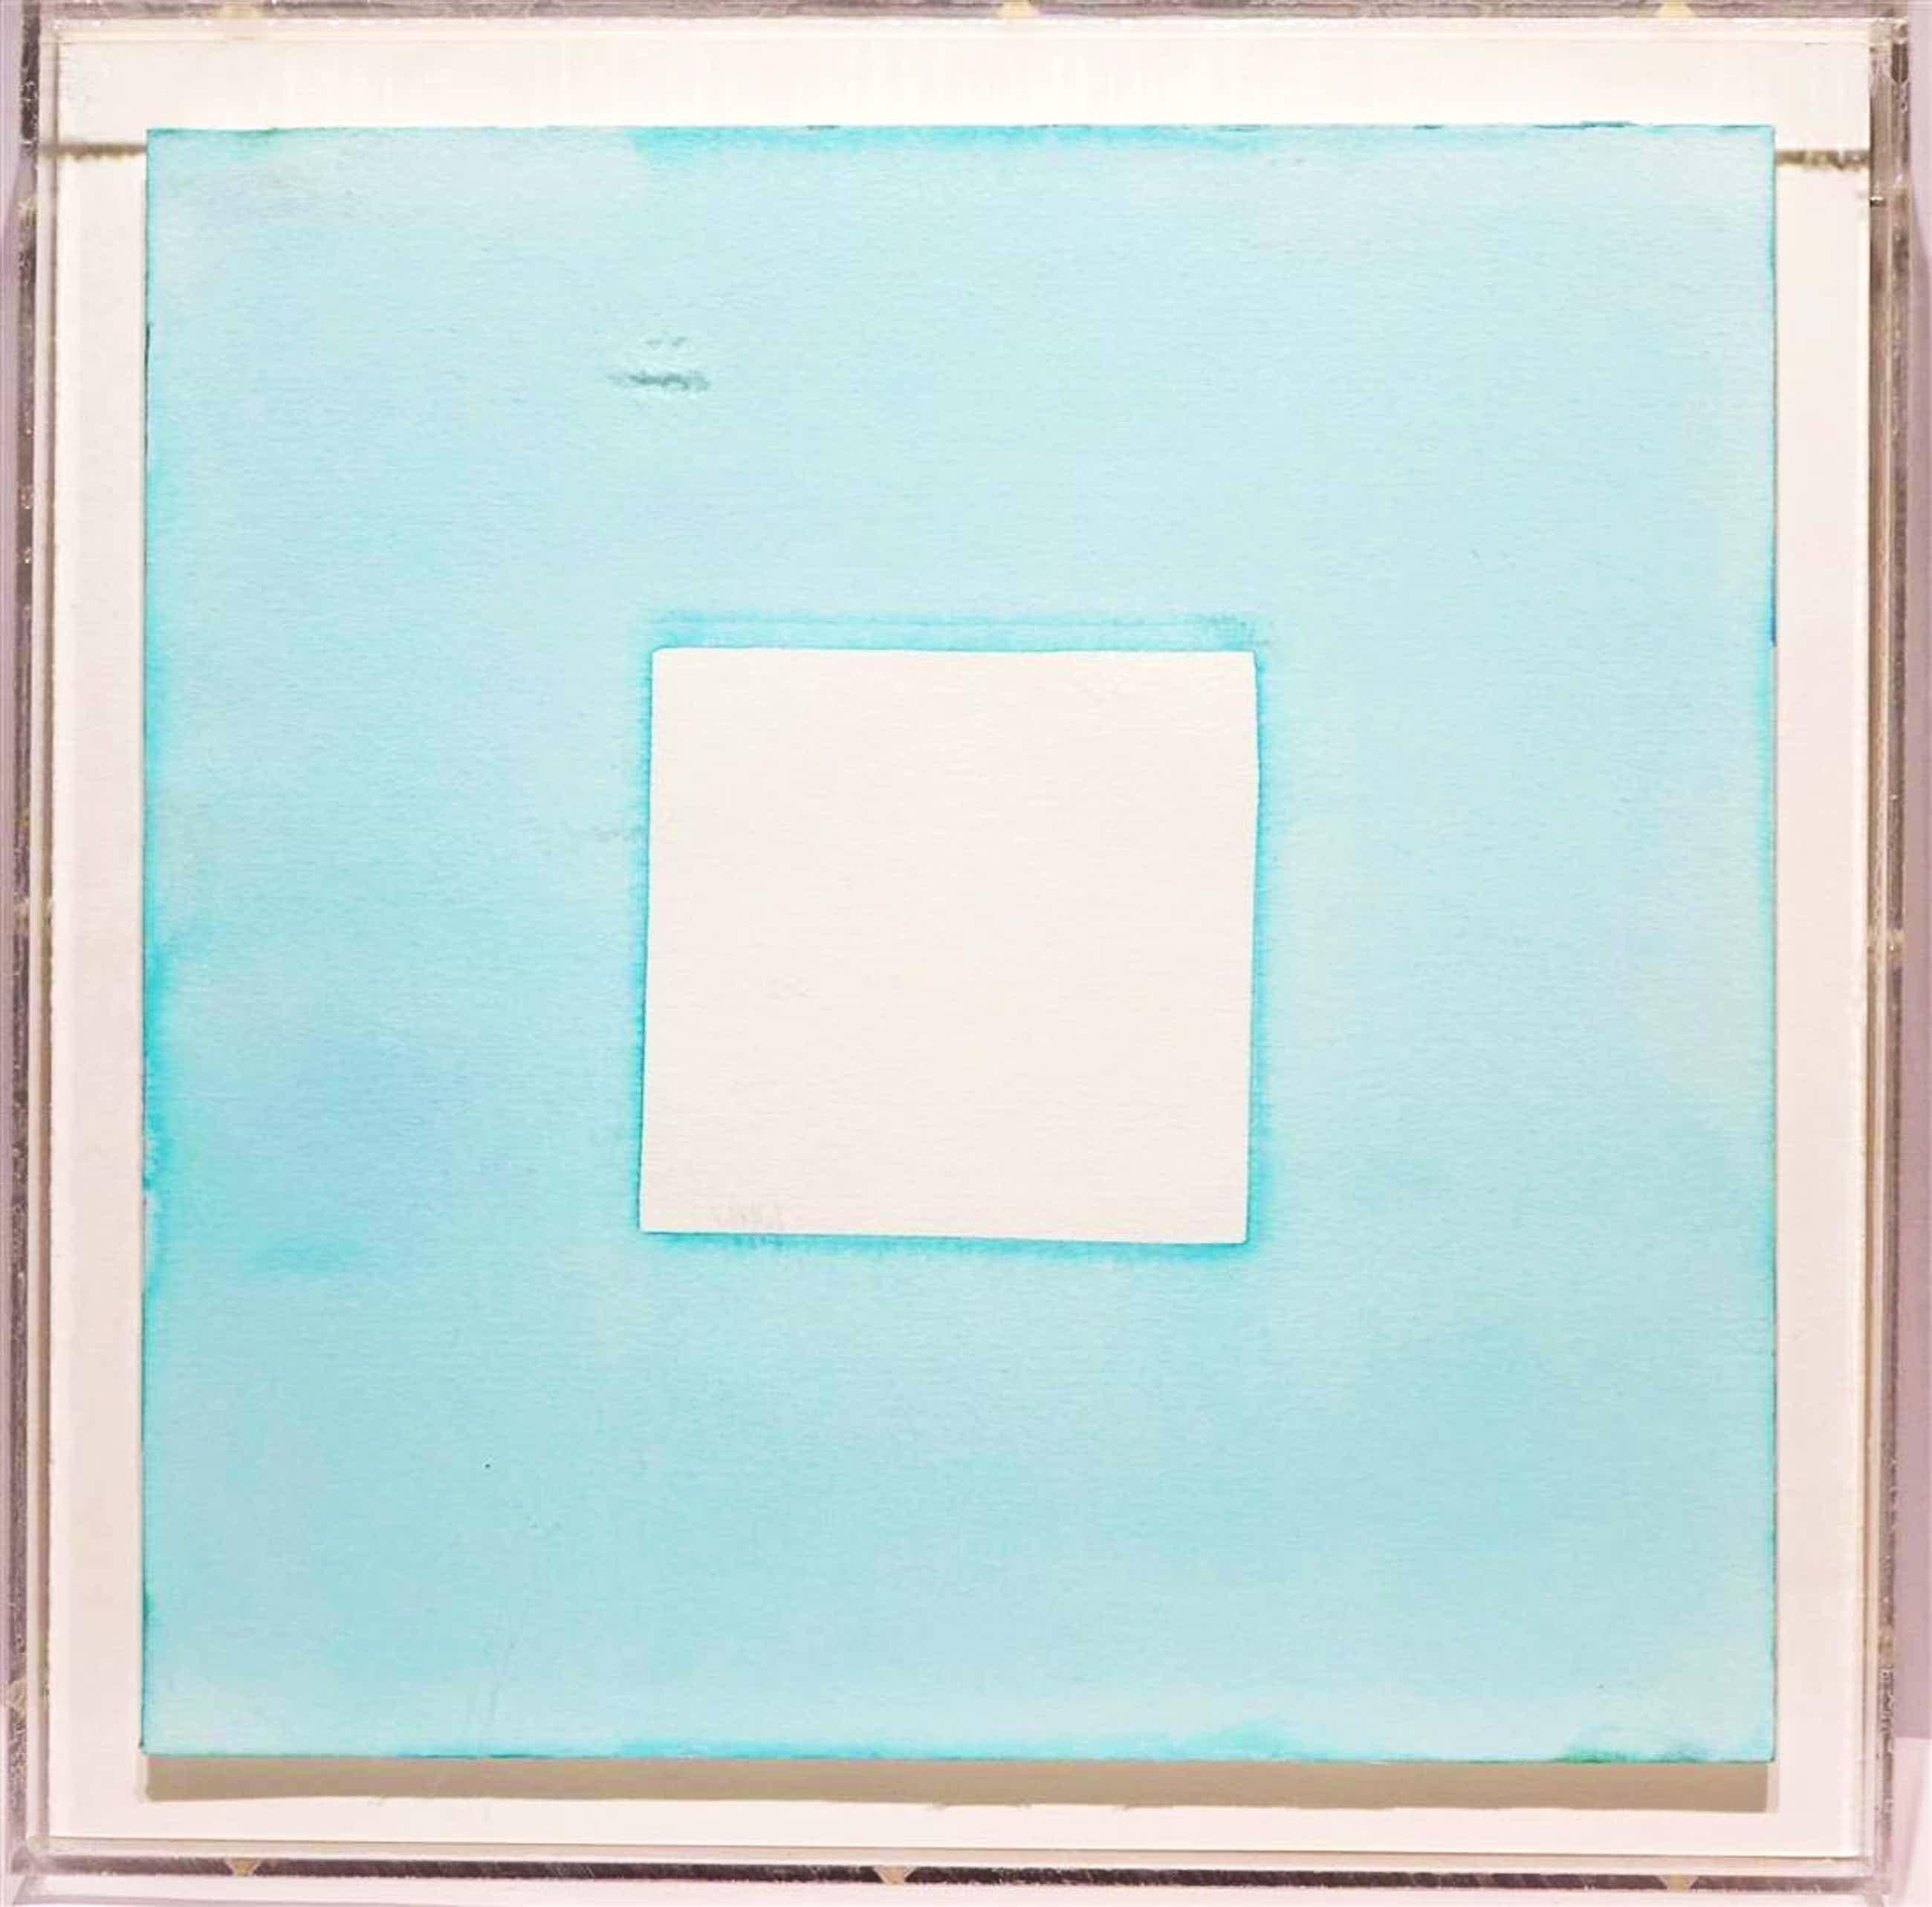 Eric de Nie - Aquarel in plexiglazen behuizing - 2012 kopen? Bied vanaf 160!